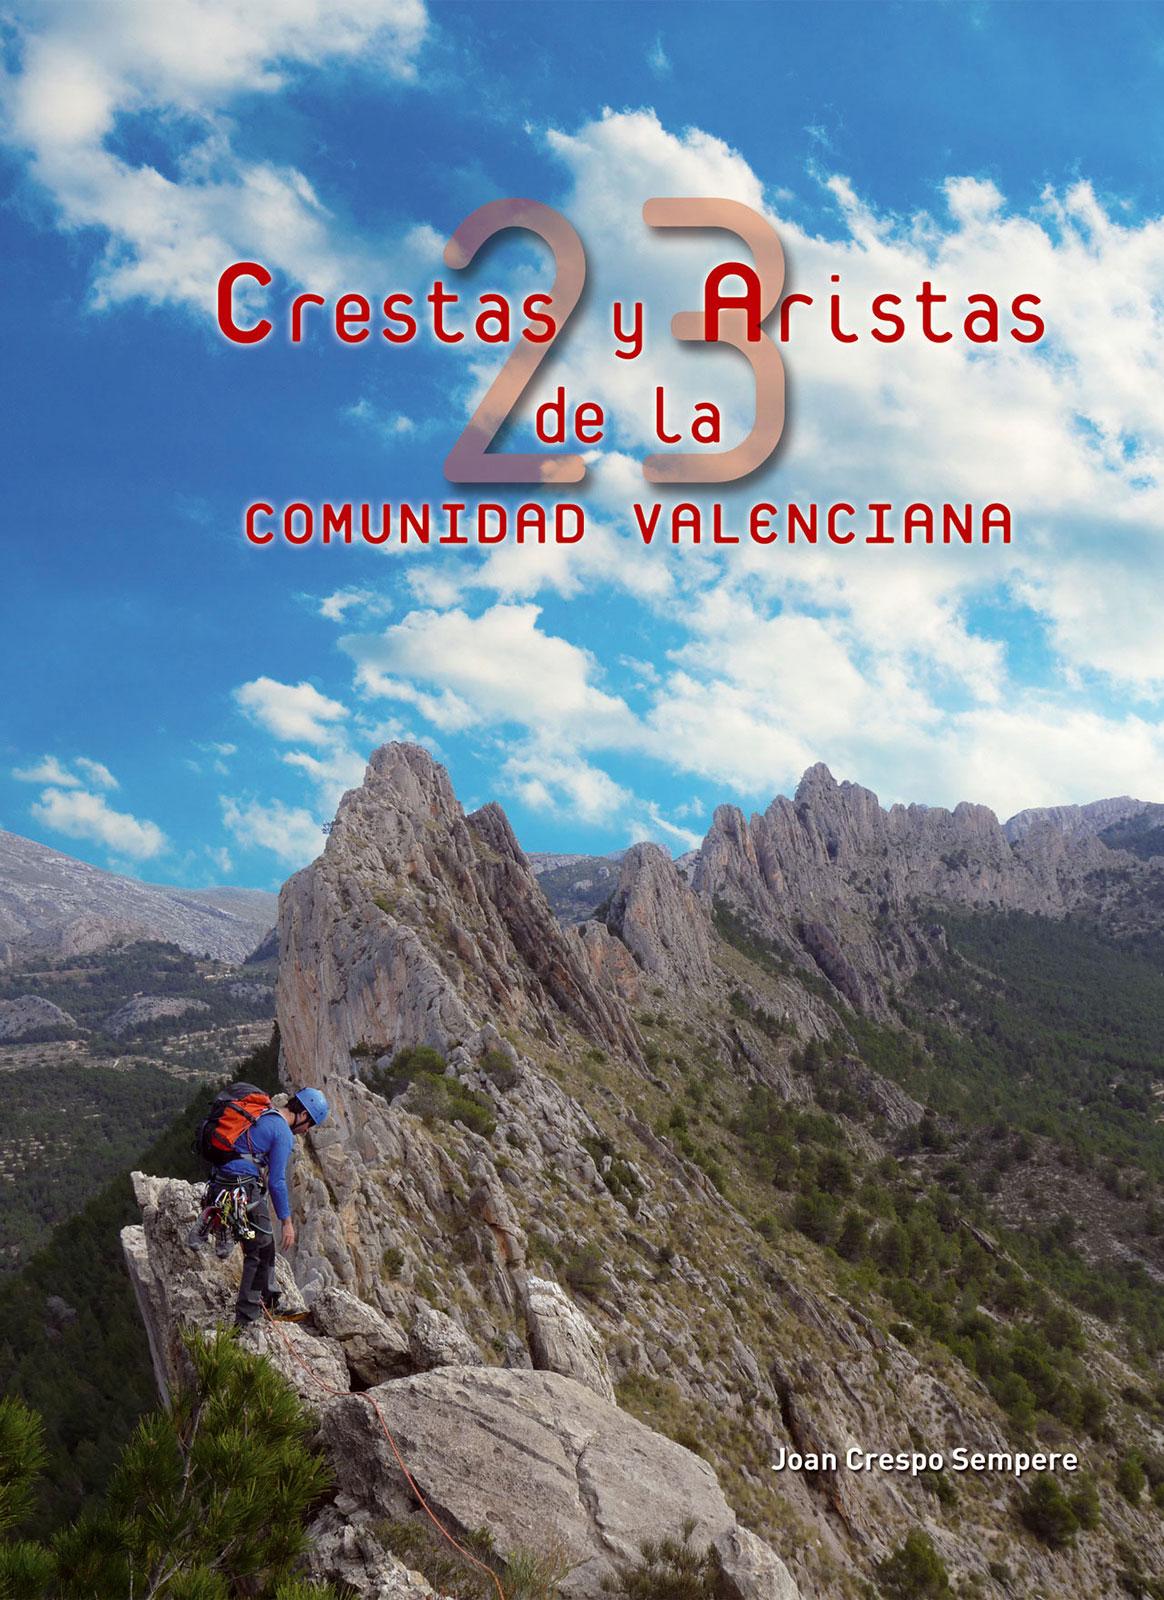 Portada del libro 23 crestas y aristas de la Comunidad Valenciana